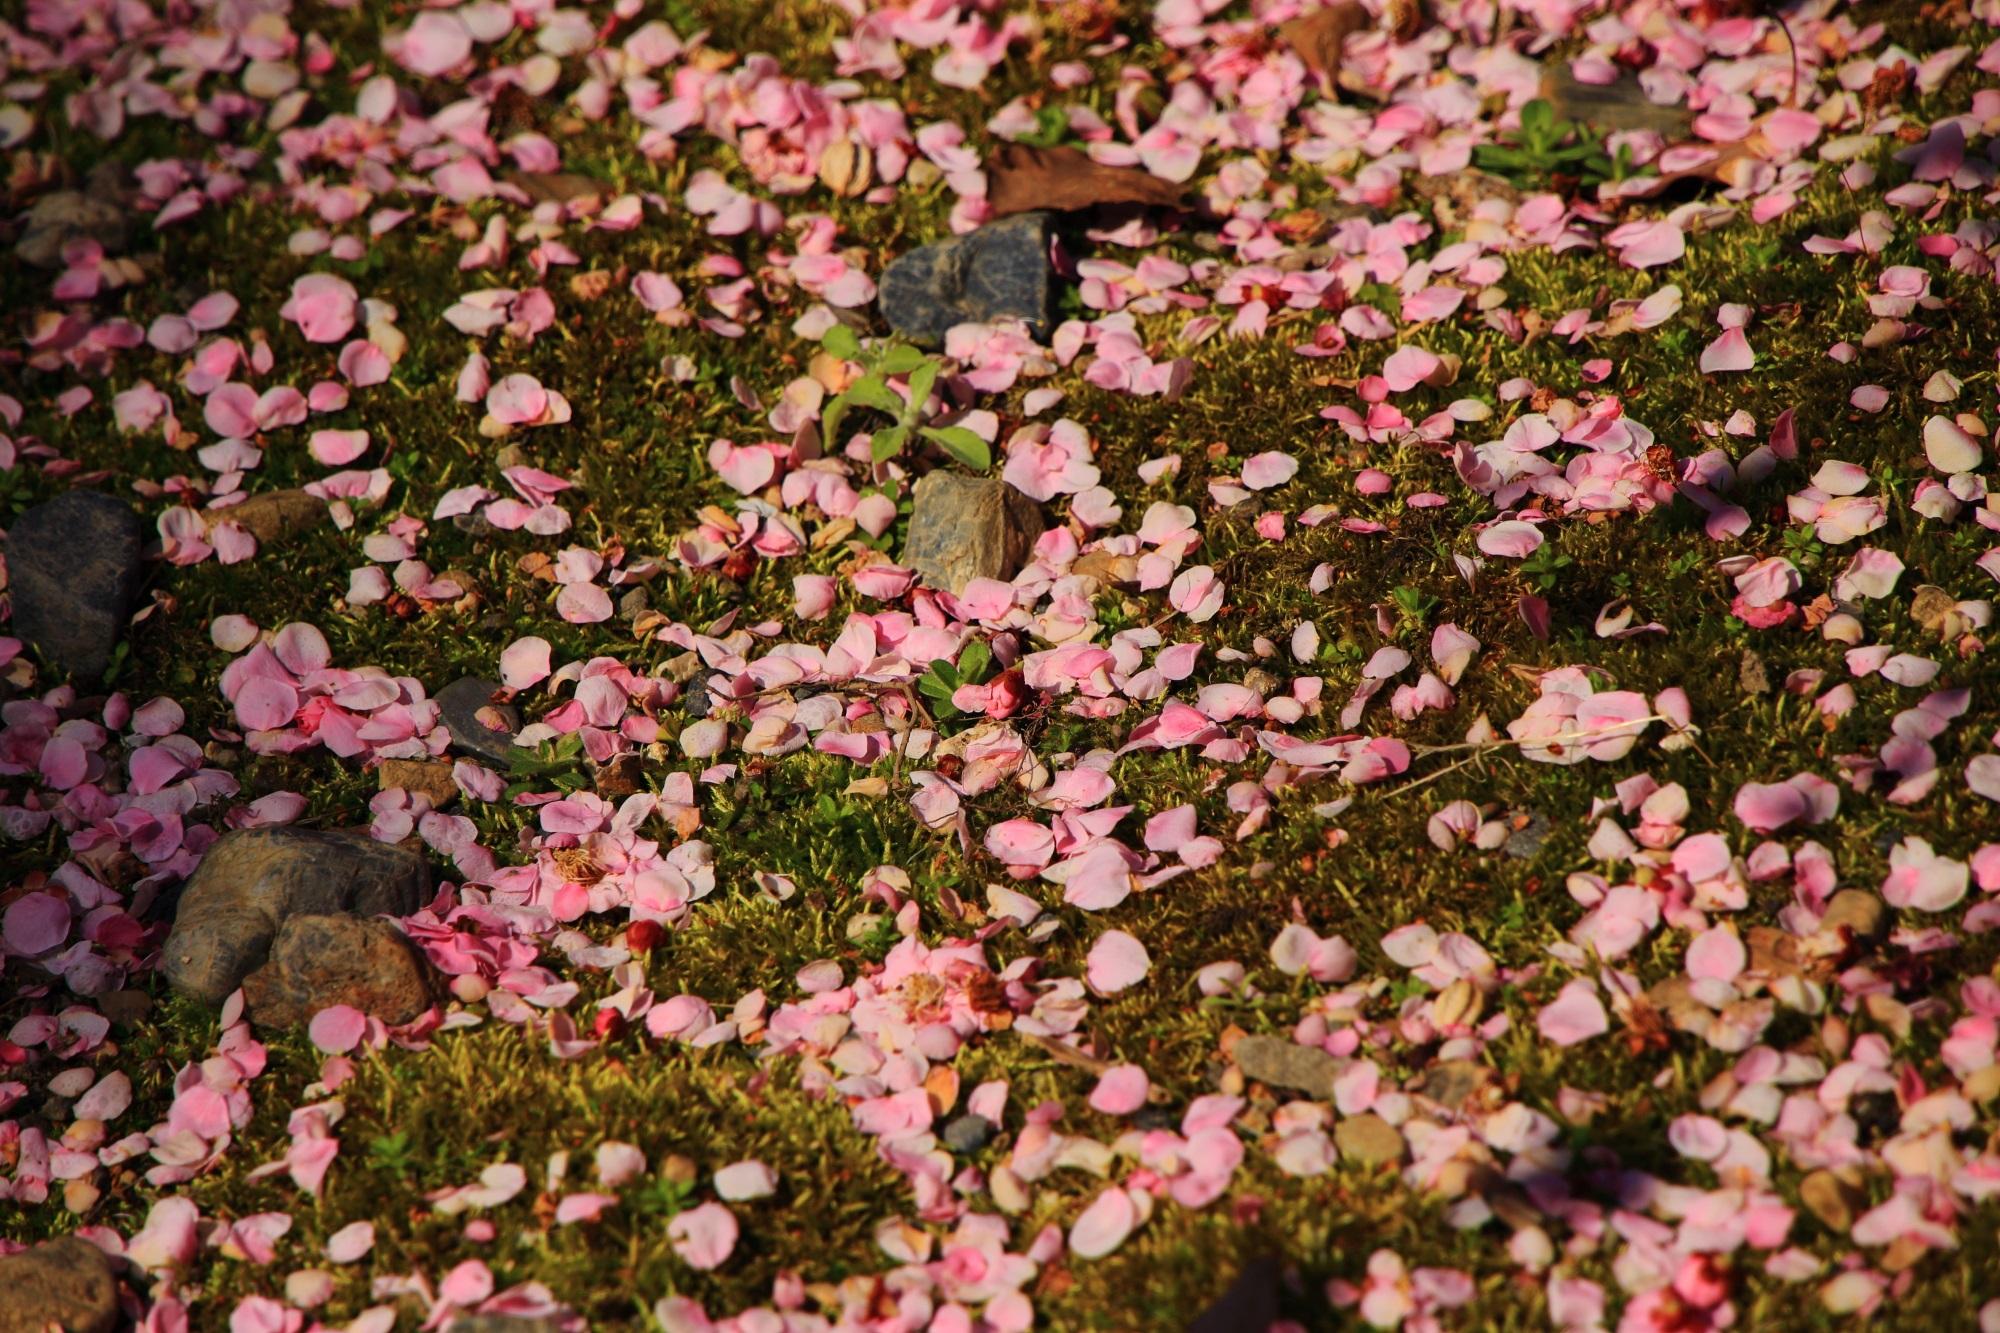 苔を華やかに彩る散った梅の花びら